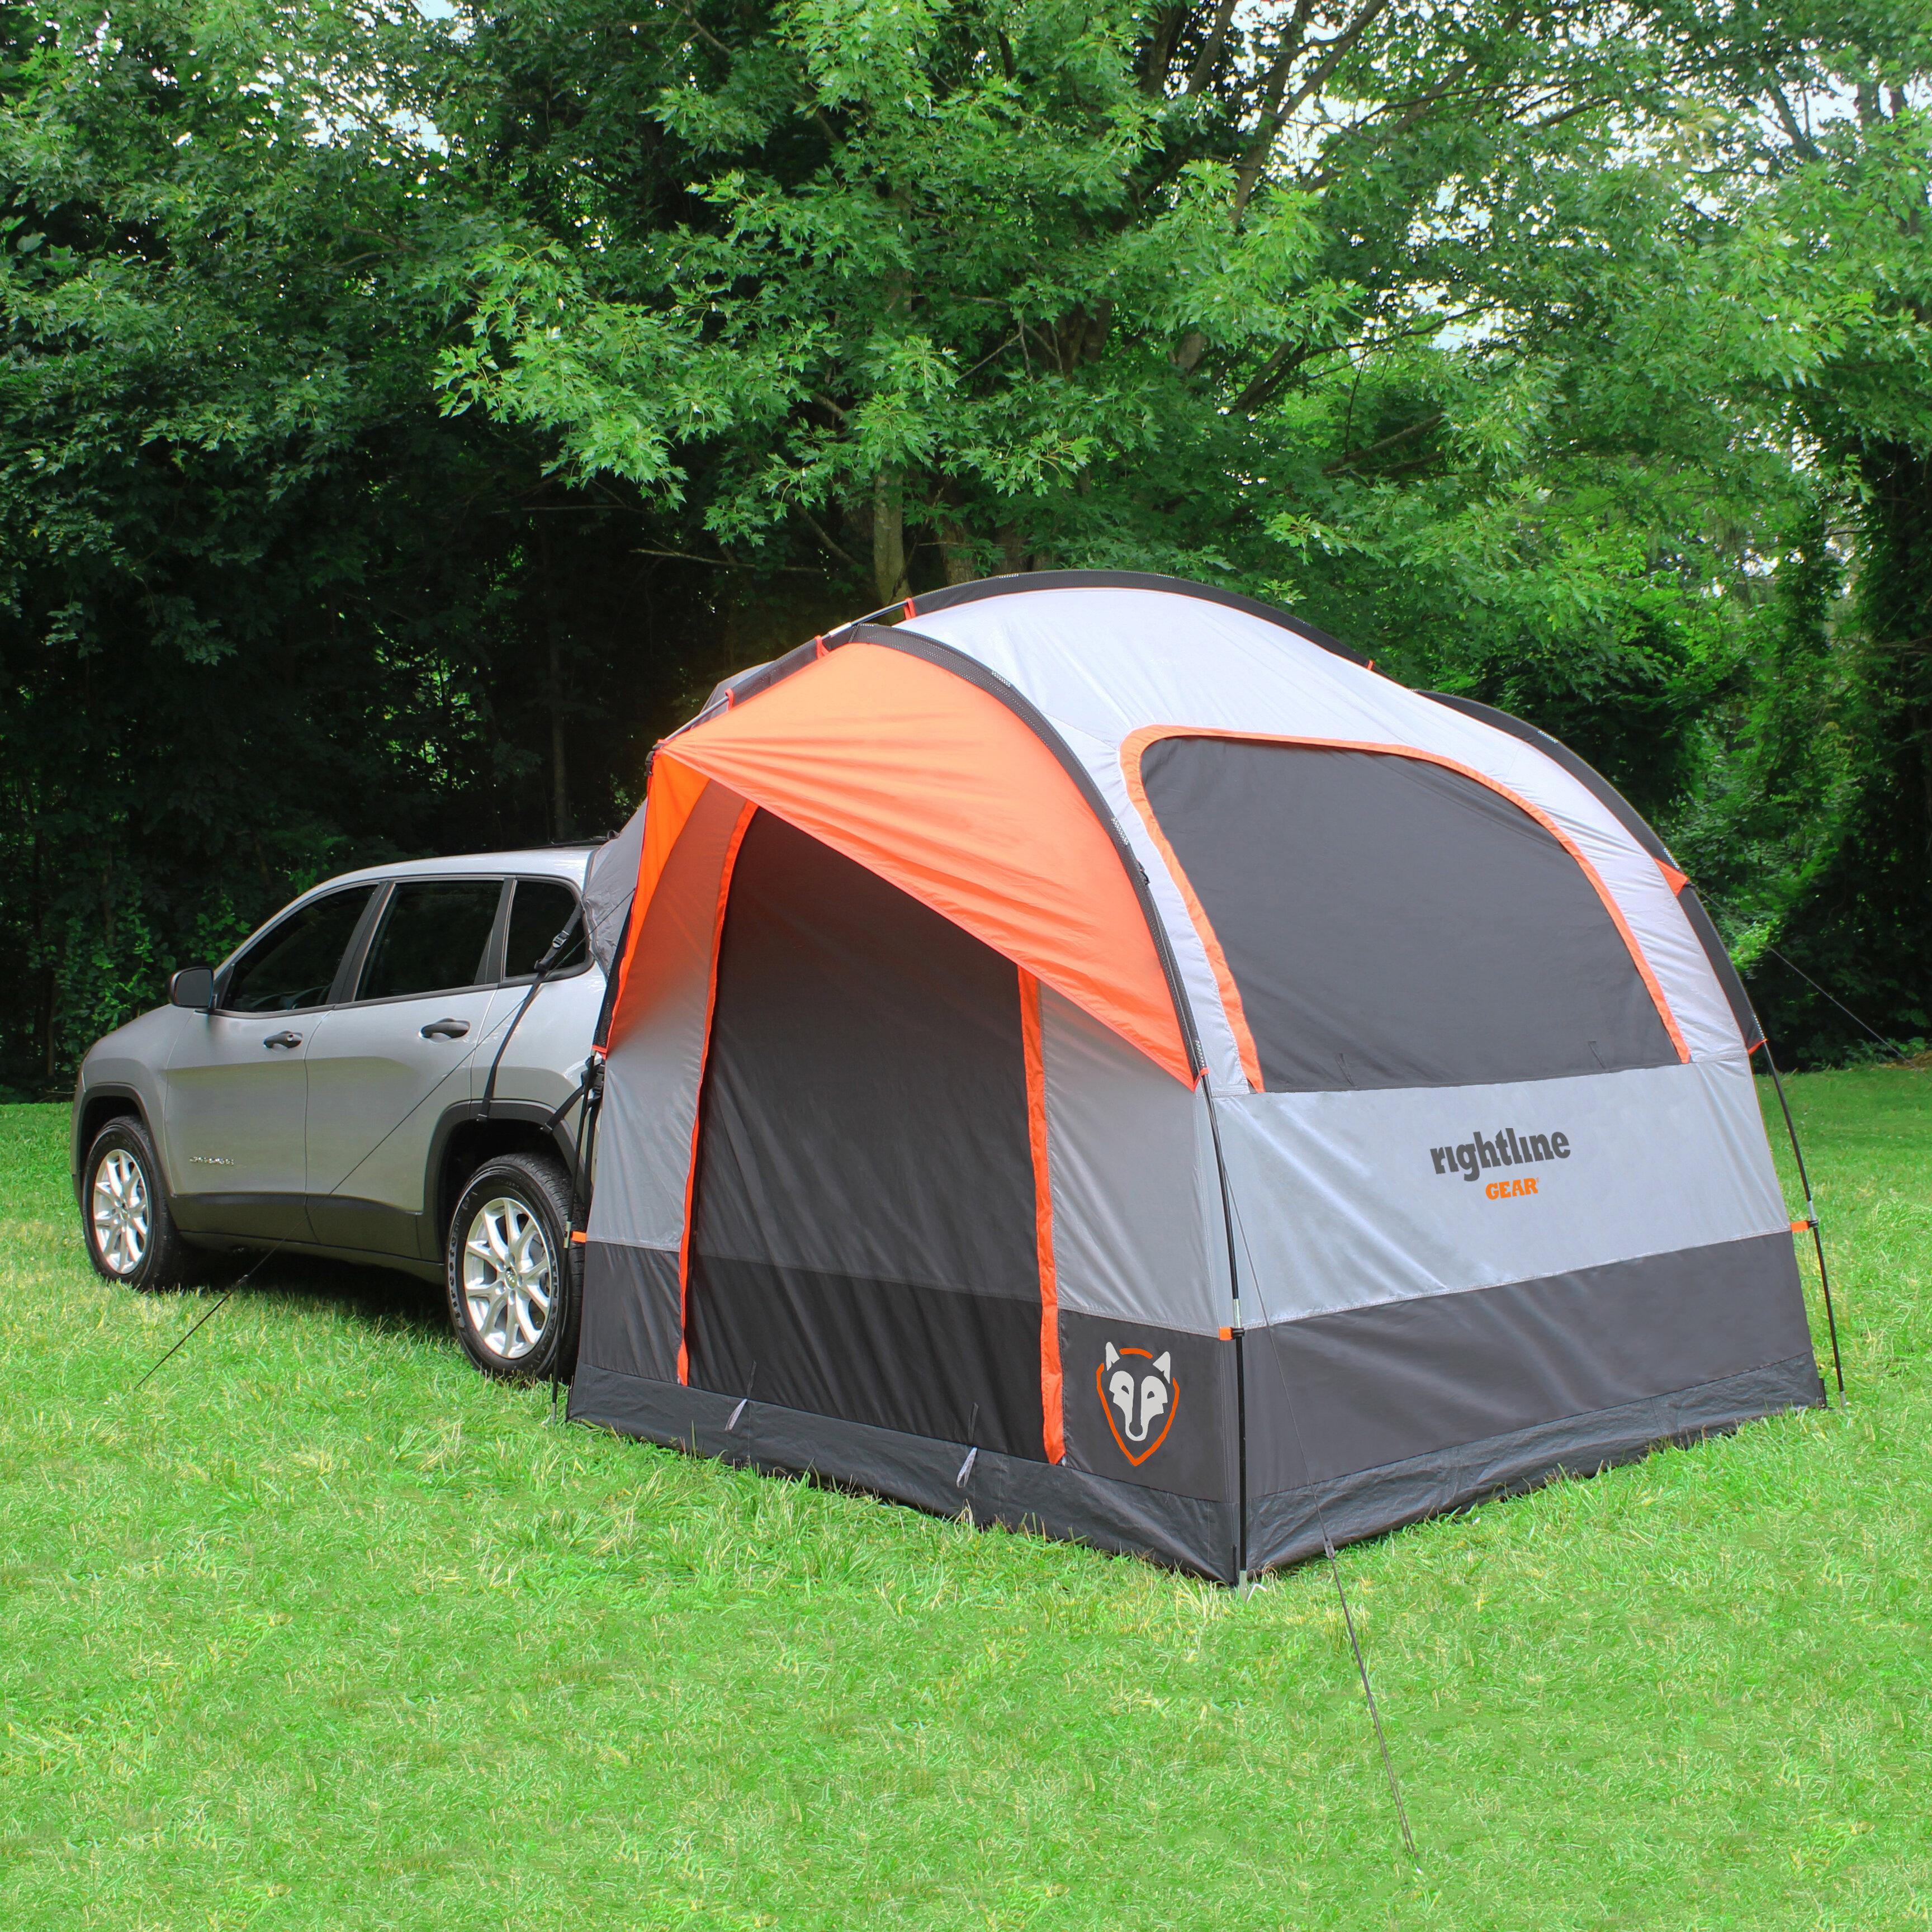 30c39cf653 Rightline Gear SUV 4 Person Tent & Reviews   Wayfair